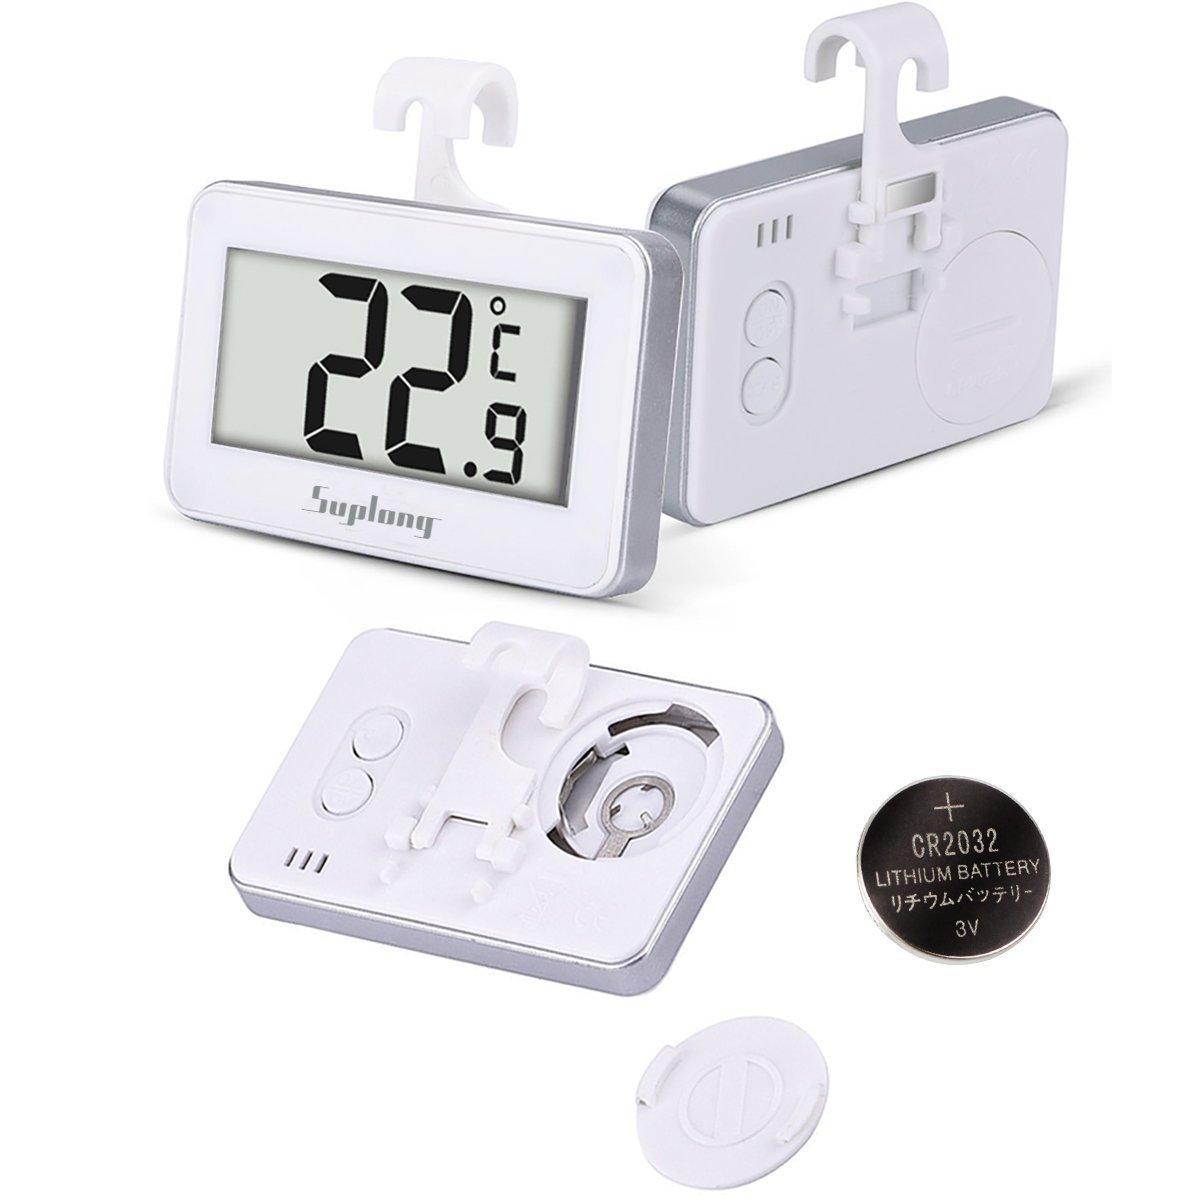 Termómetro del refrigerador, AIGUMI termómetro impermeable del congelador del refrigerador de Digitaces con la exhibición l ... (nevera-1)